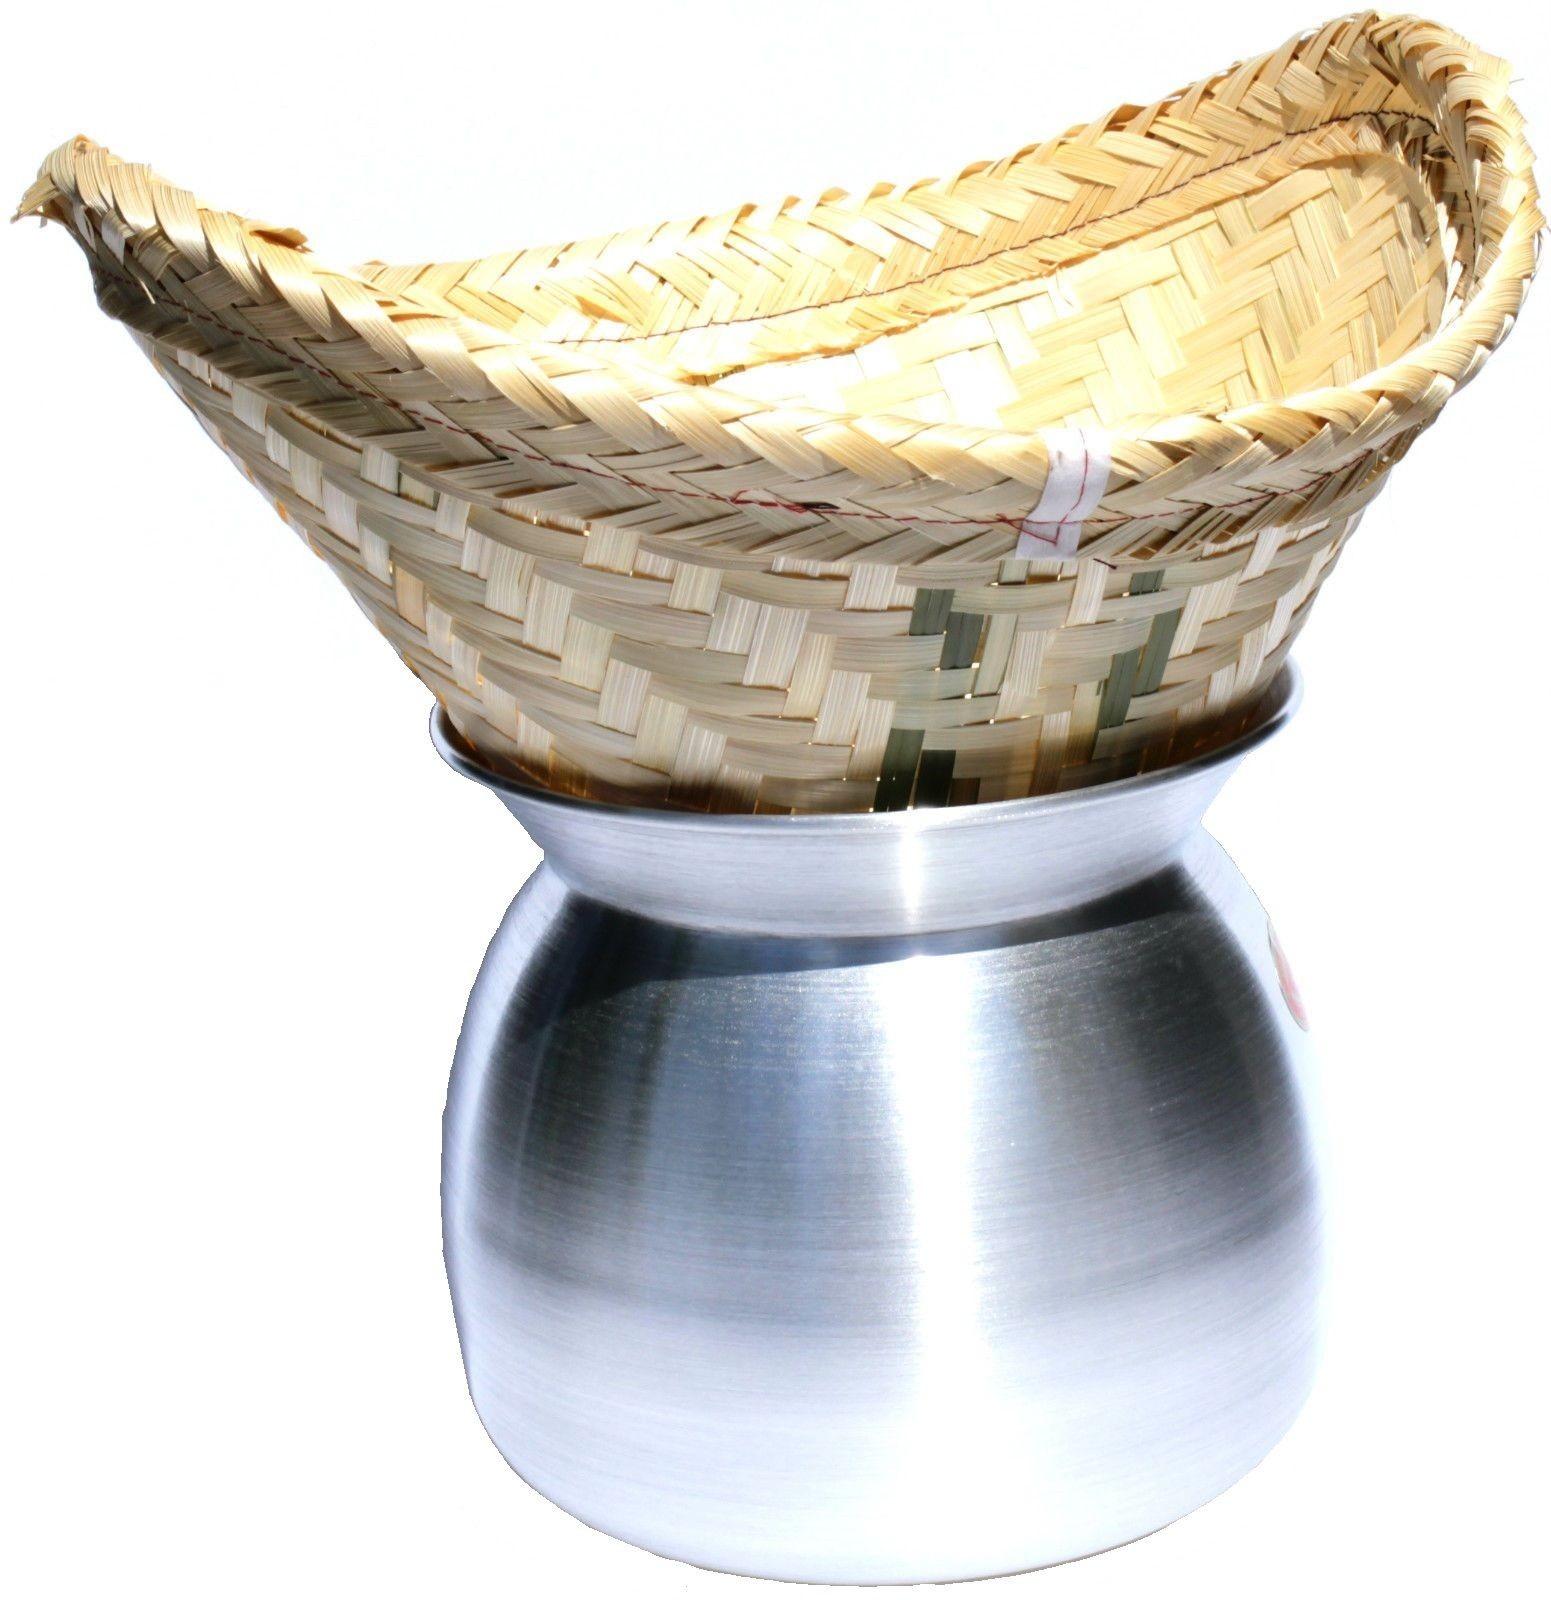 Laos Topf Ø22cm, 19,4cm hoch zum Dampfgaren von Reis-  traditioneller Reisdämpfer mit Bambuskorb